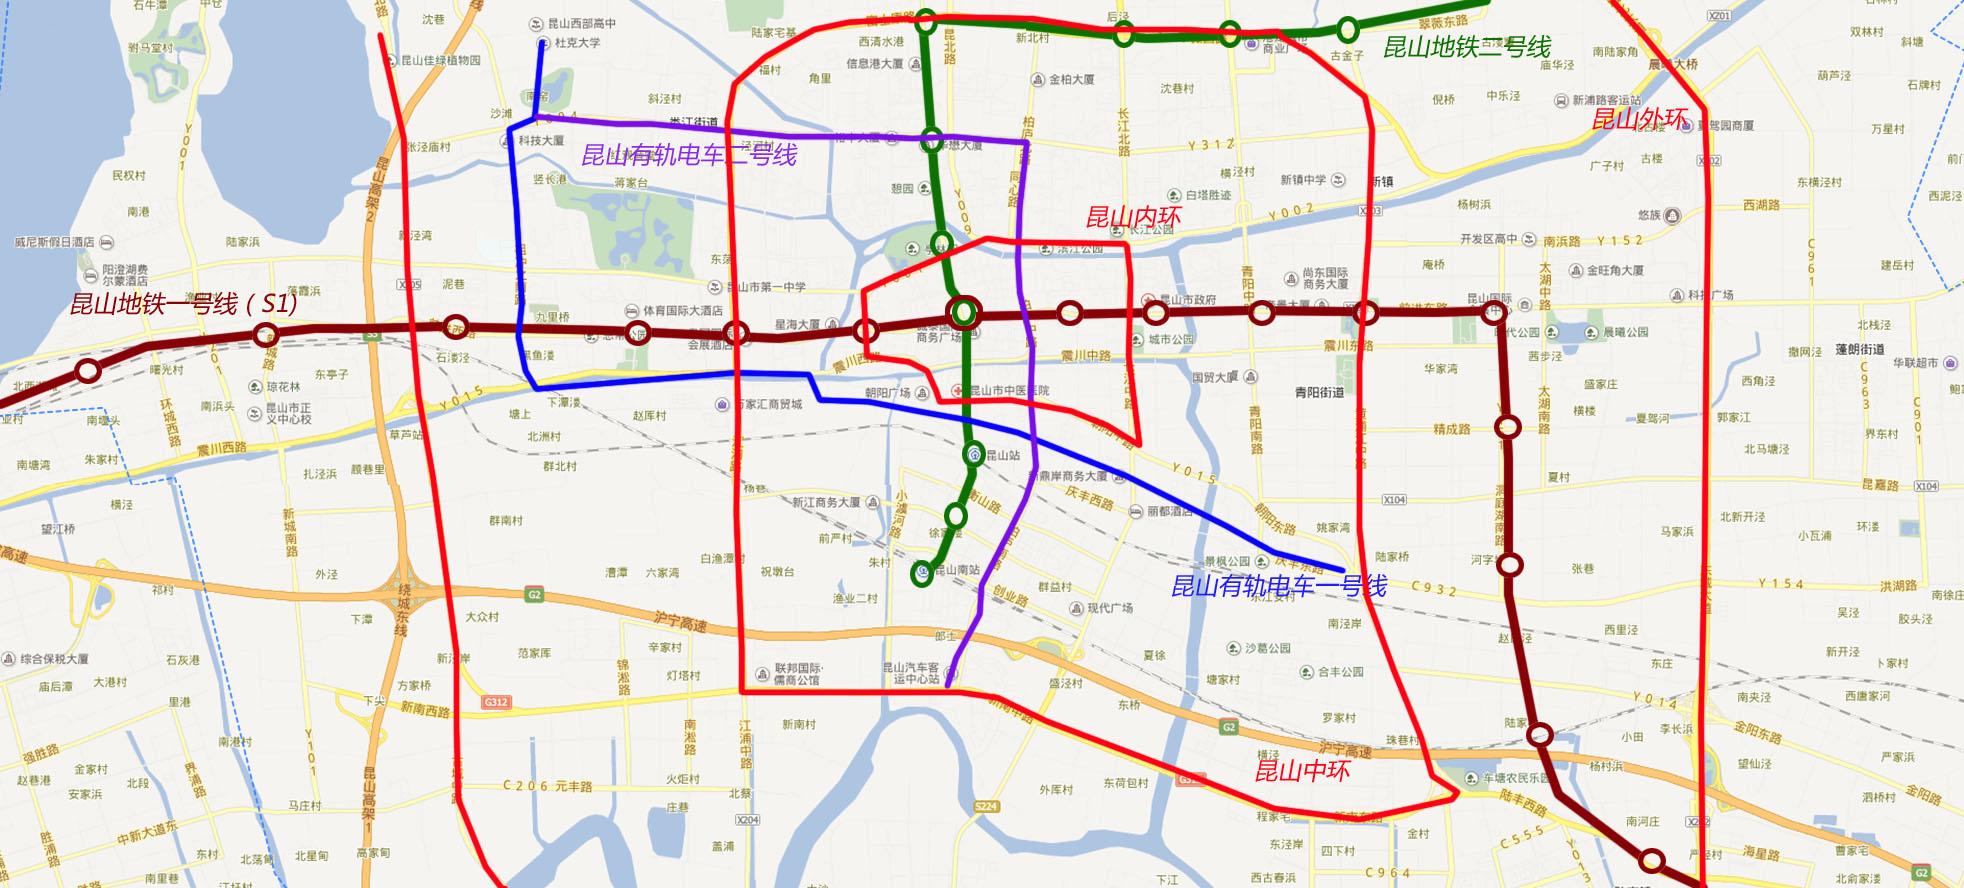 大昆山未来交通地图,预计昆山方案,地铁一号线还是将走前进路接上海11